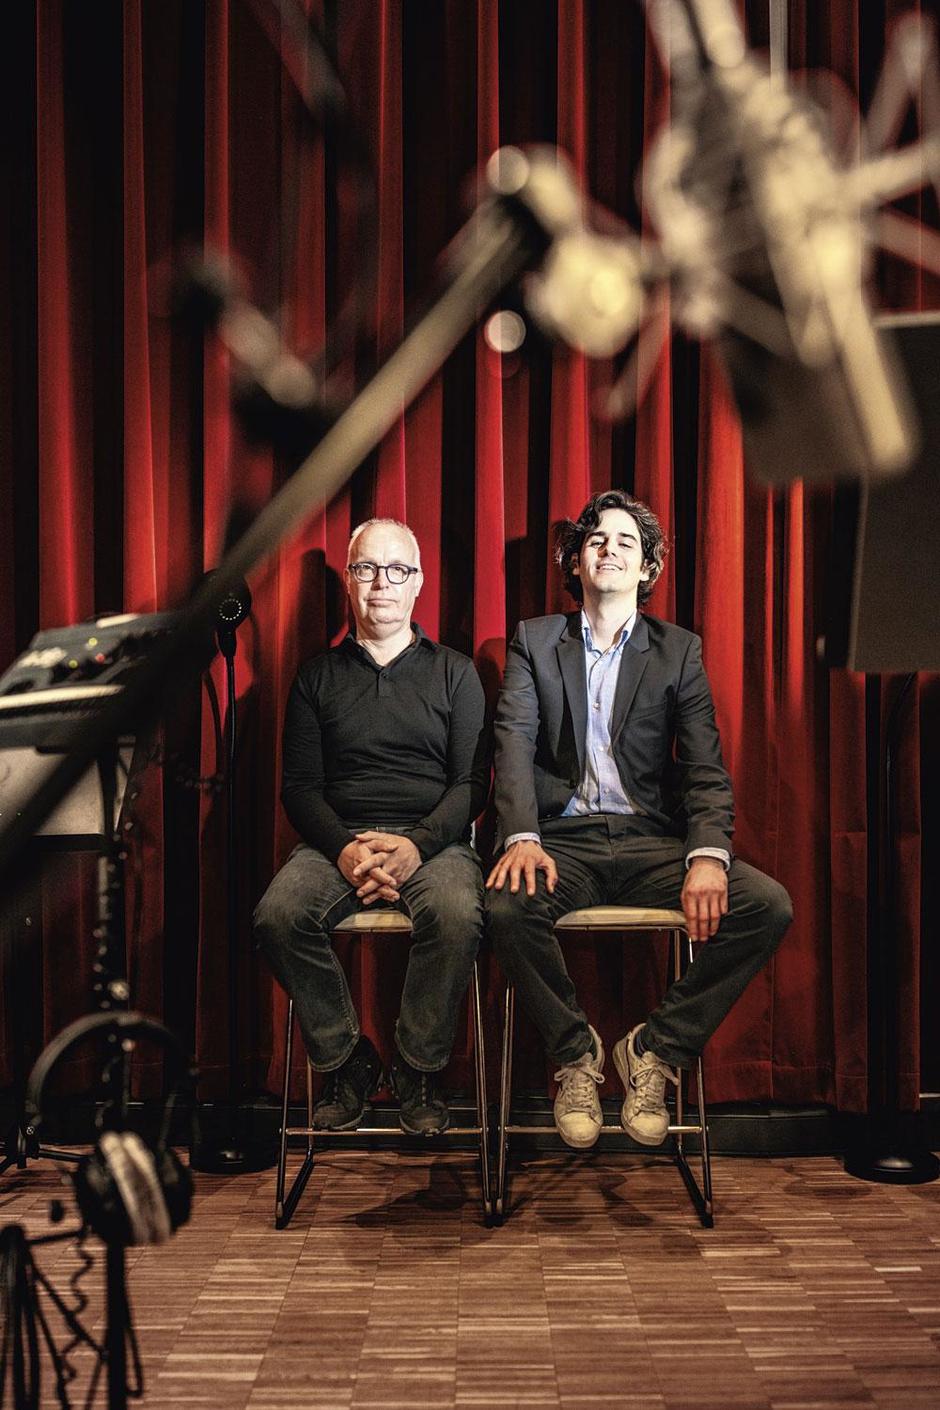 Het Geluidshuis wordt pionier als podcastmaker: 'Met een hoorspel gaan we voluit'